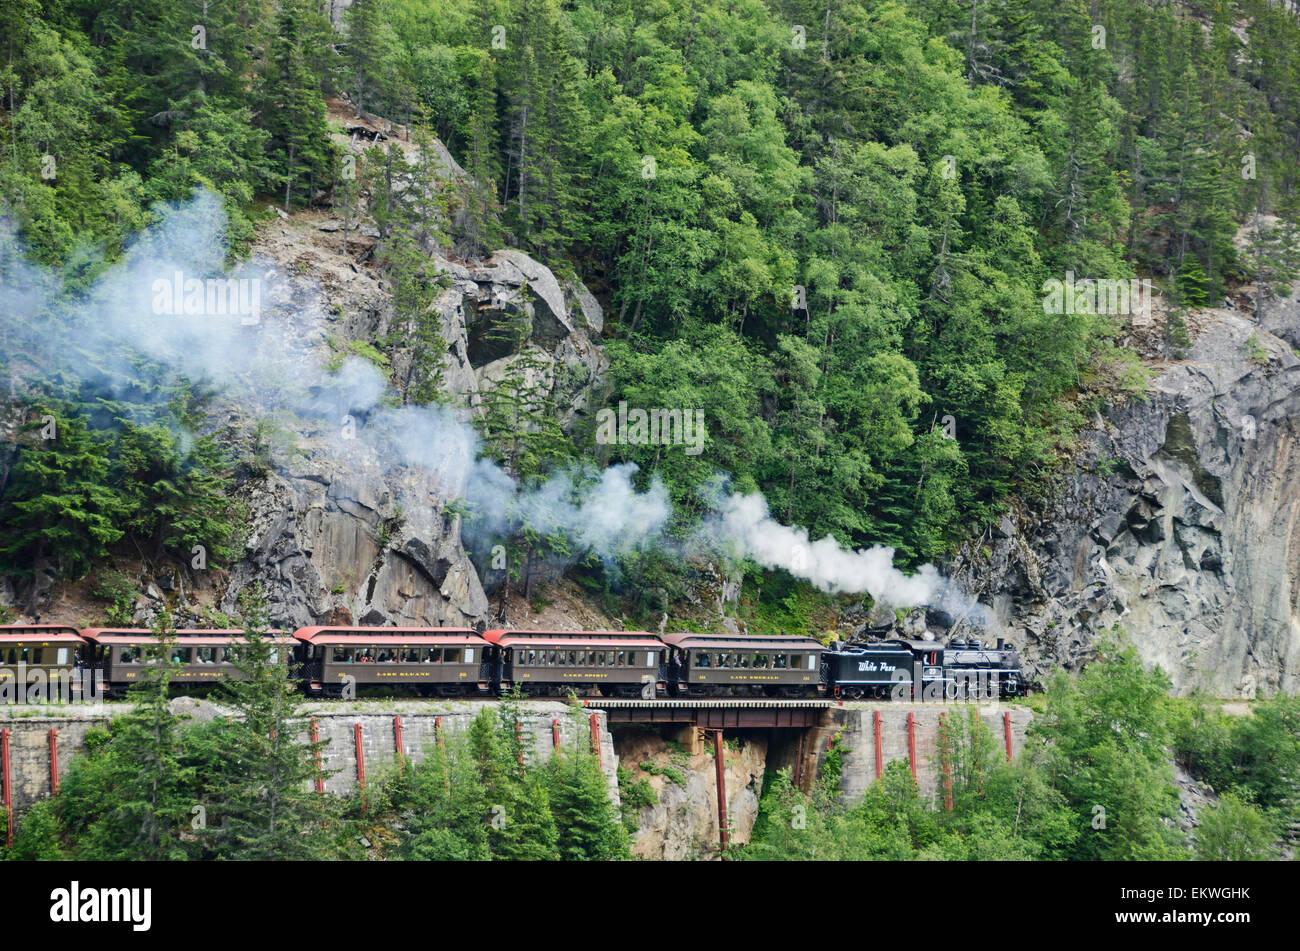 Reise, Alaska, altmodisch, Dampfzug Stockbild